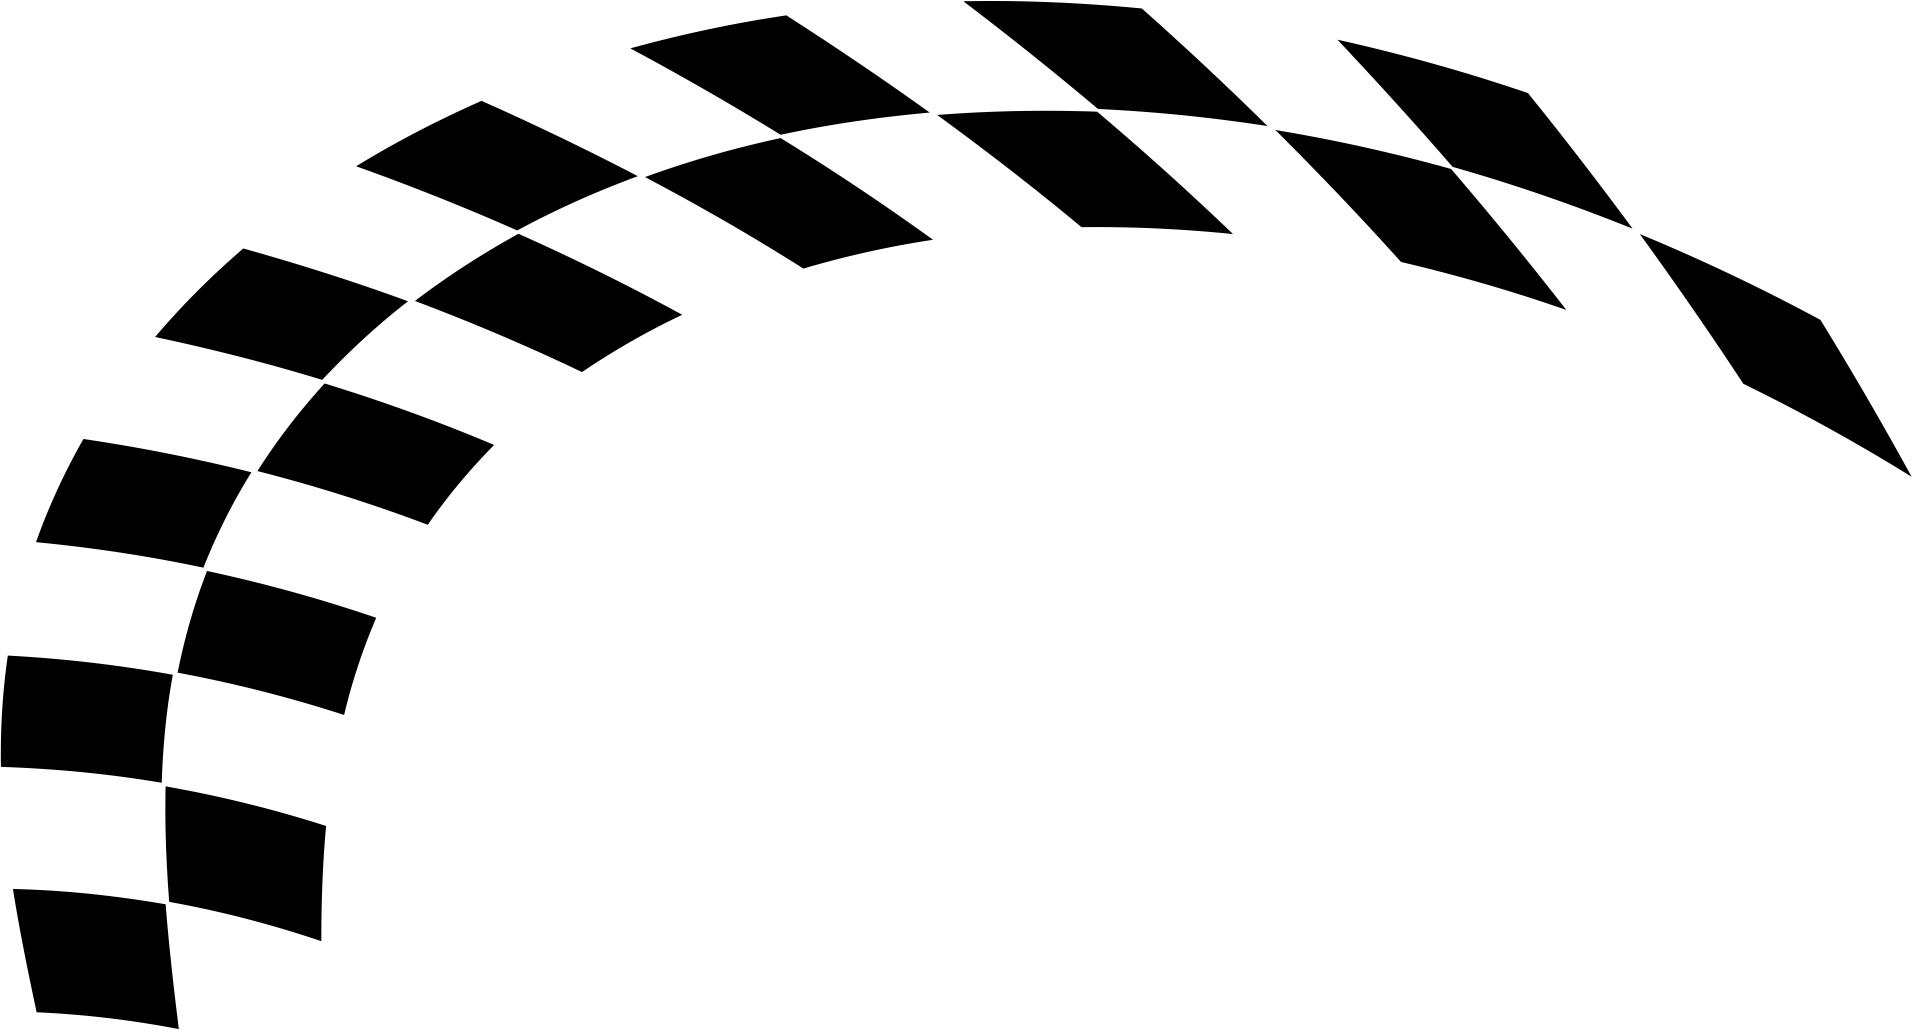 30 Checkered Flag Vector - Pixabay - Pixabay